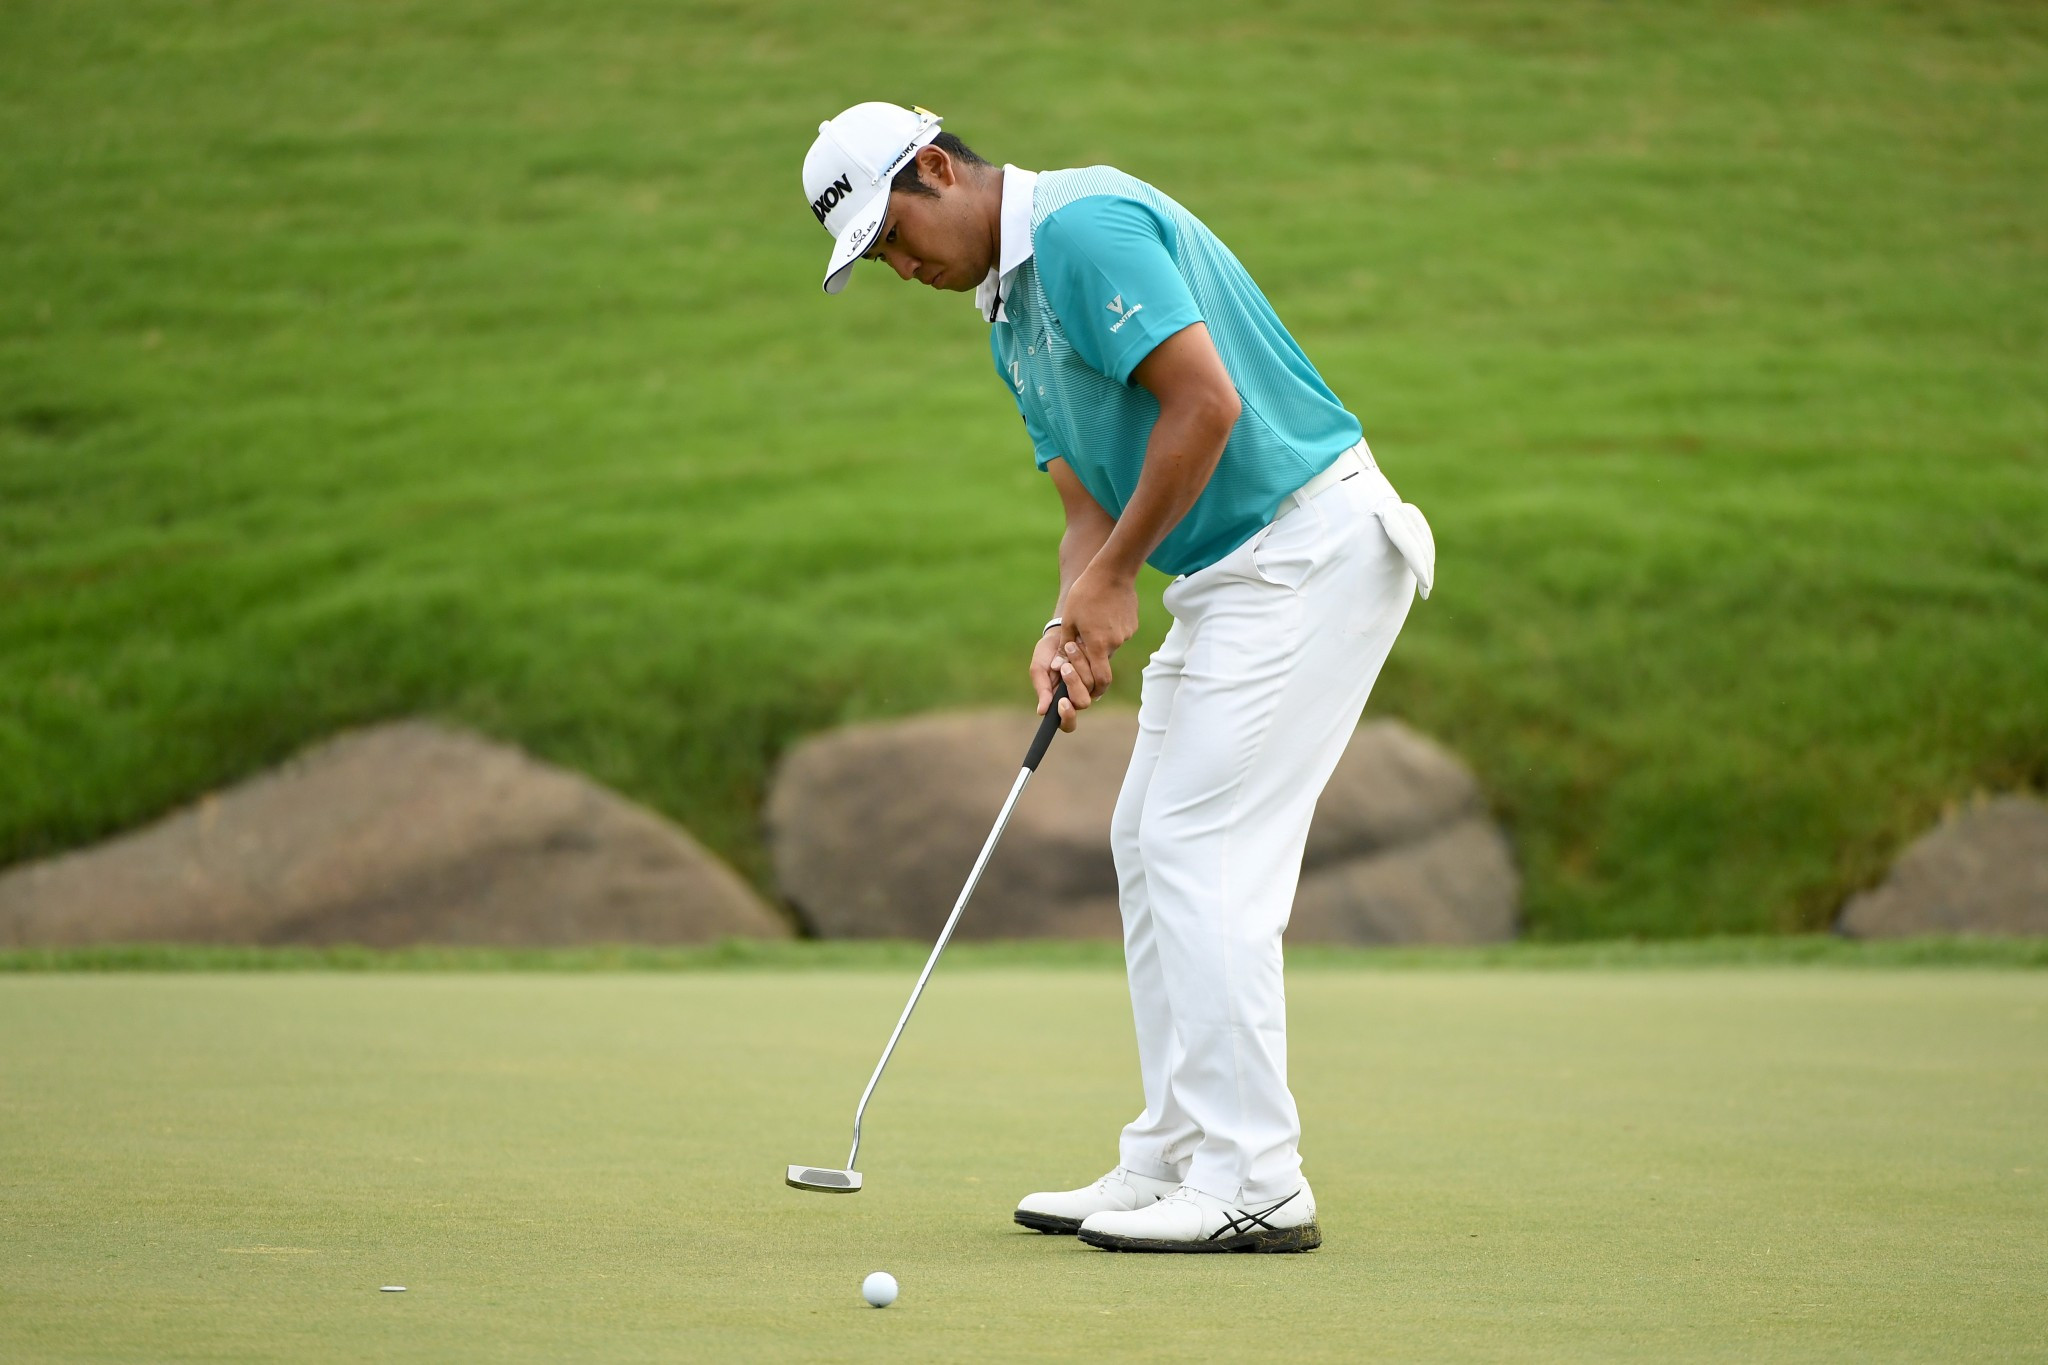 Matsuyama moves into tie for PGA Championship lead